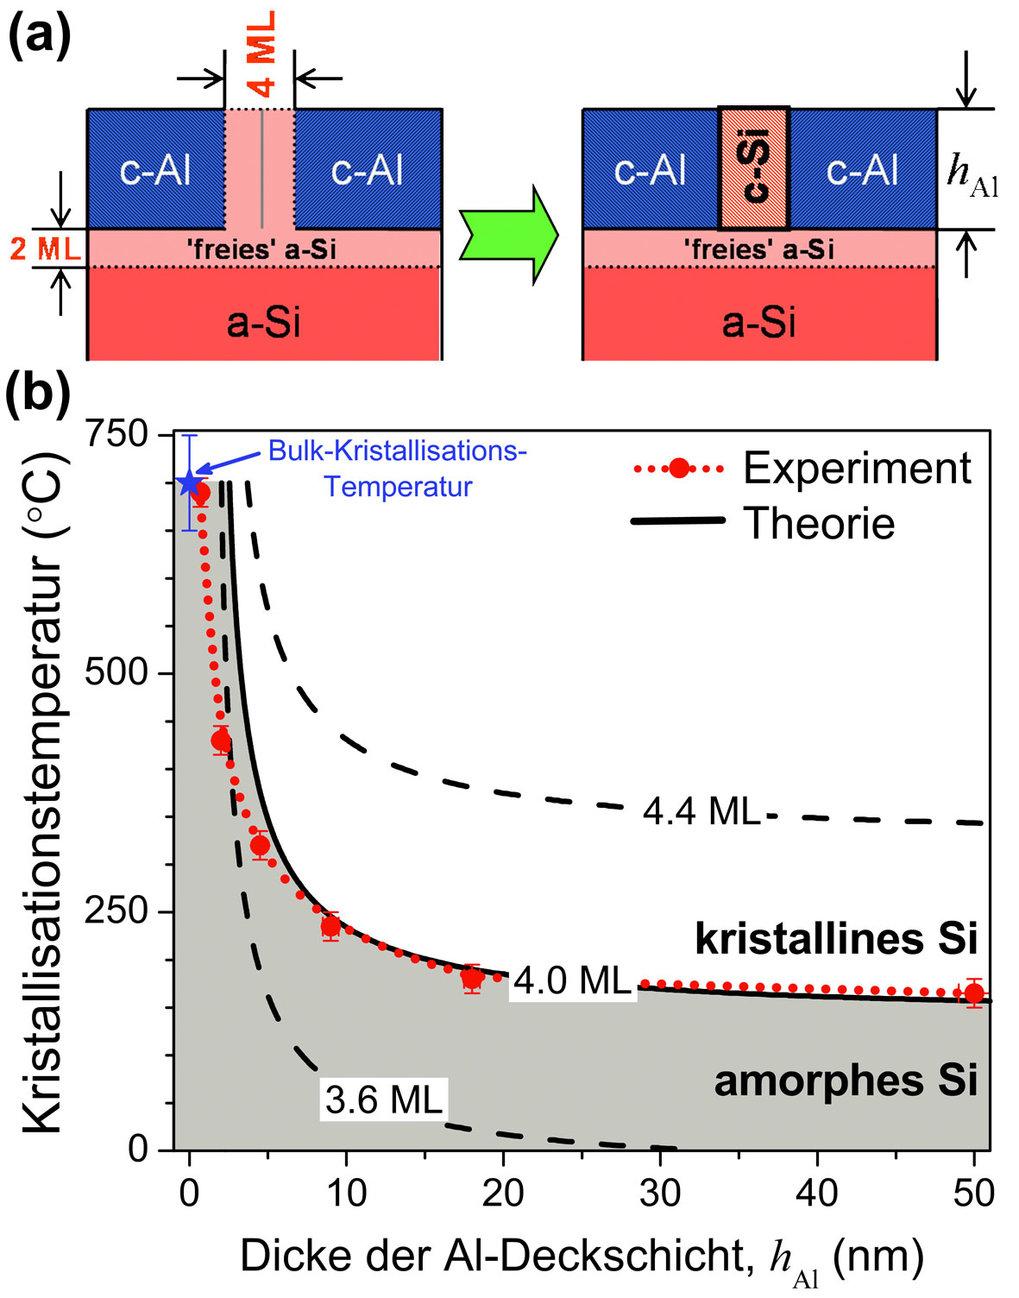 <b>Abb. 4:</b> (<b>a</b>) Schematische Darstellung der Kristallisation von a-Si an Al-Korngrenzen in einer kontaktierten, ultradünnen Al-Deckschicht (